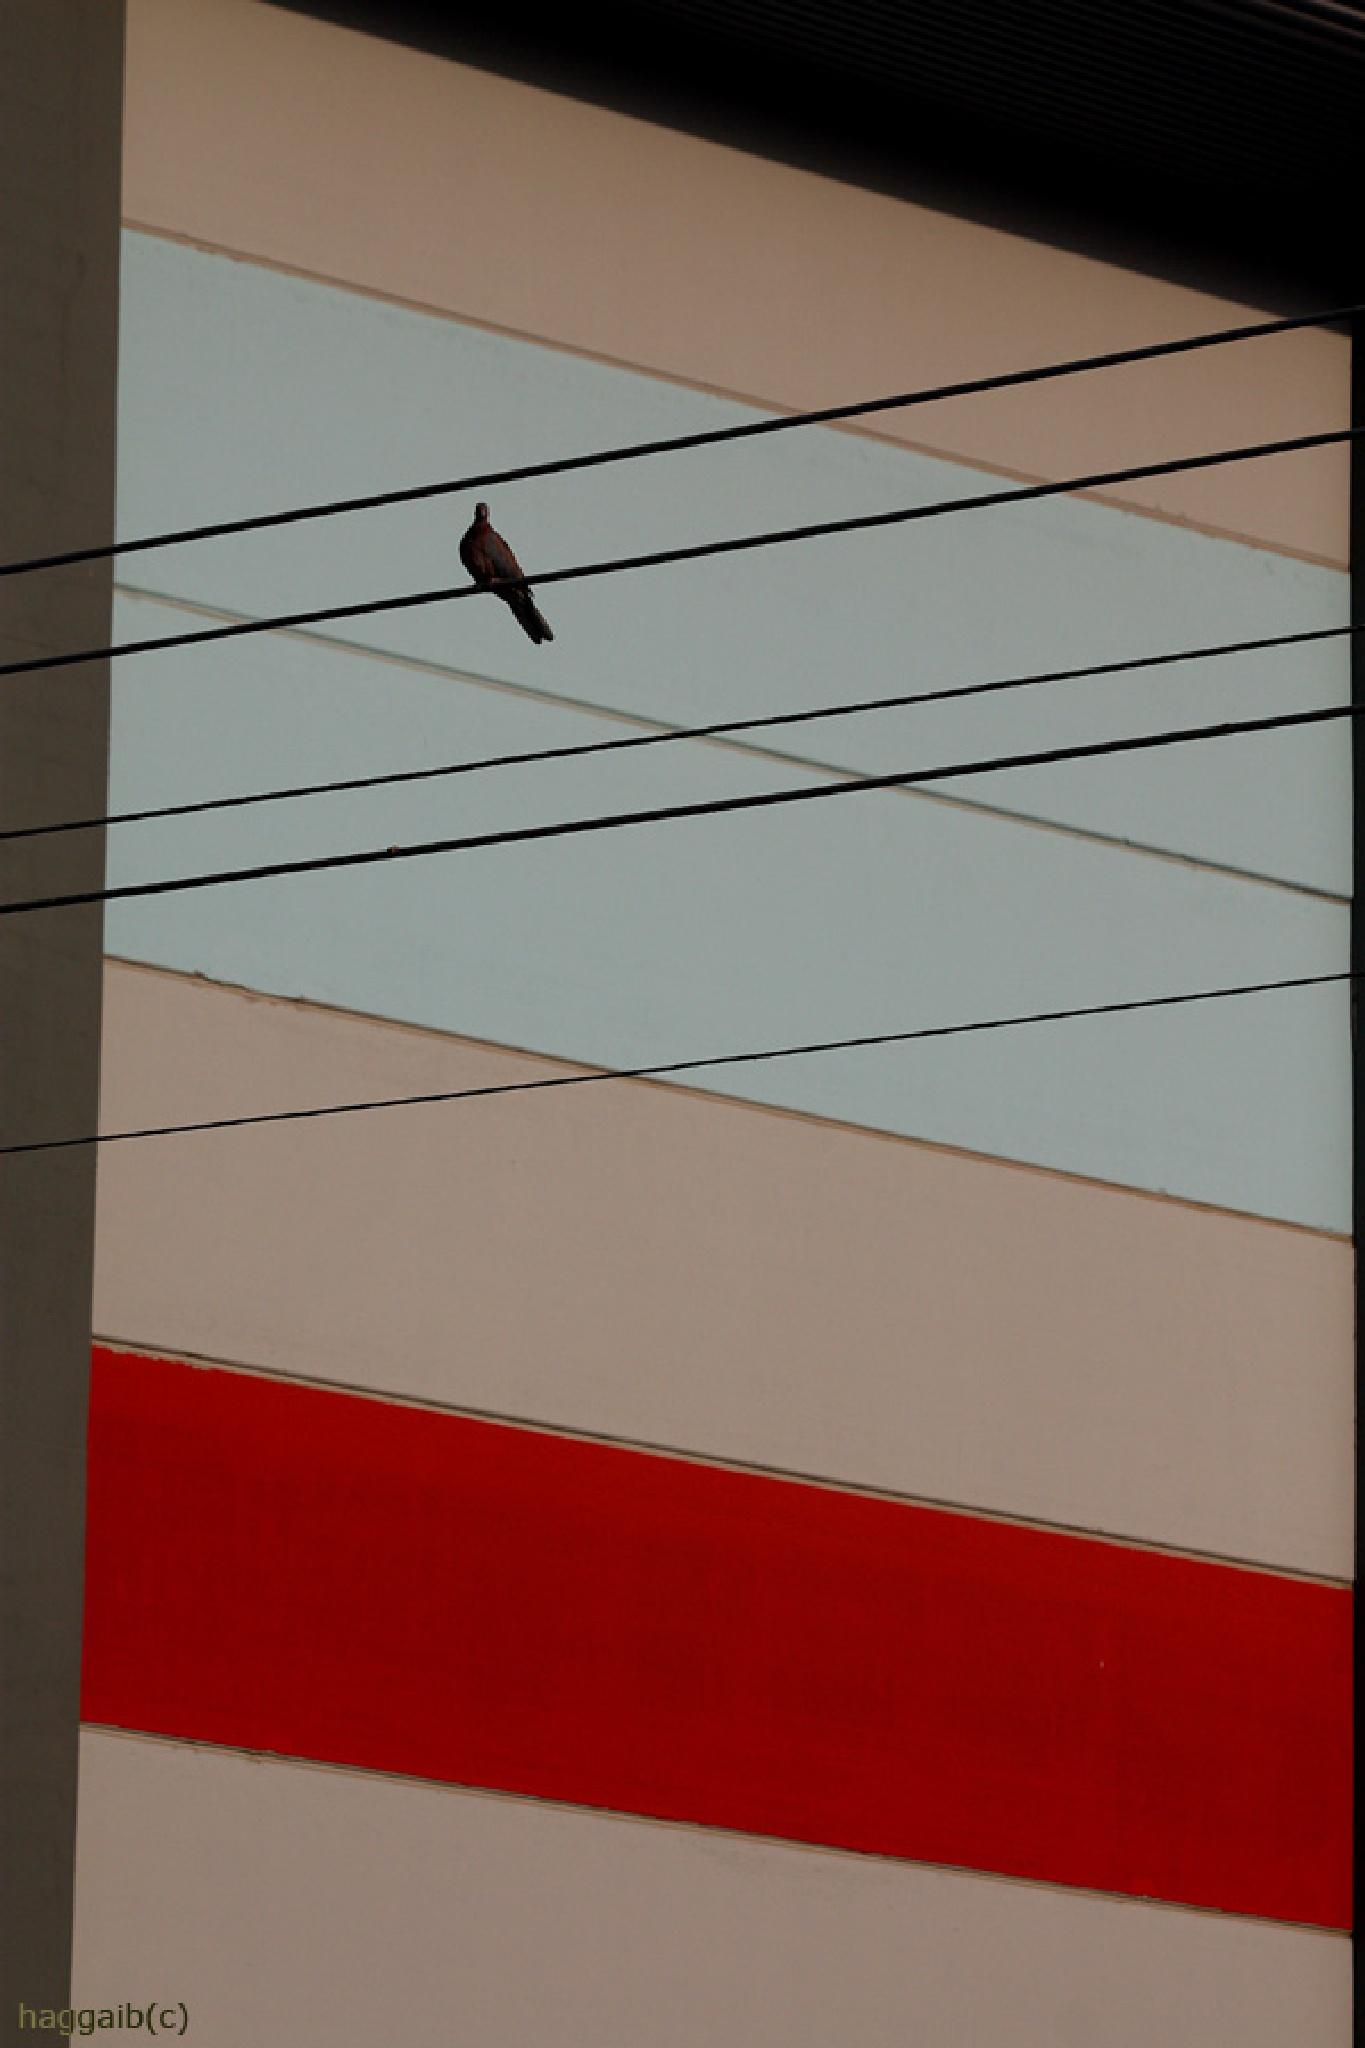 Dove by hbenyehuda